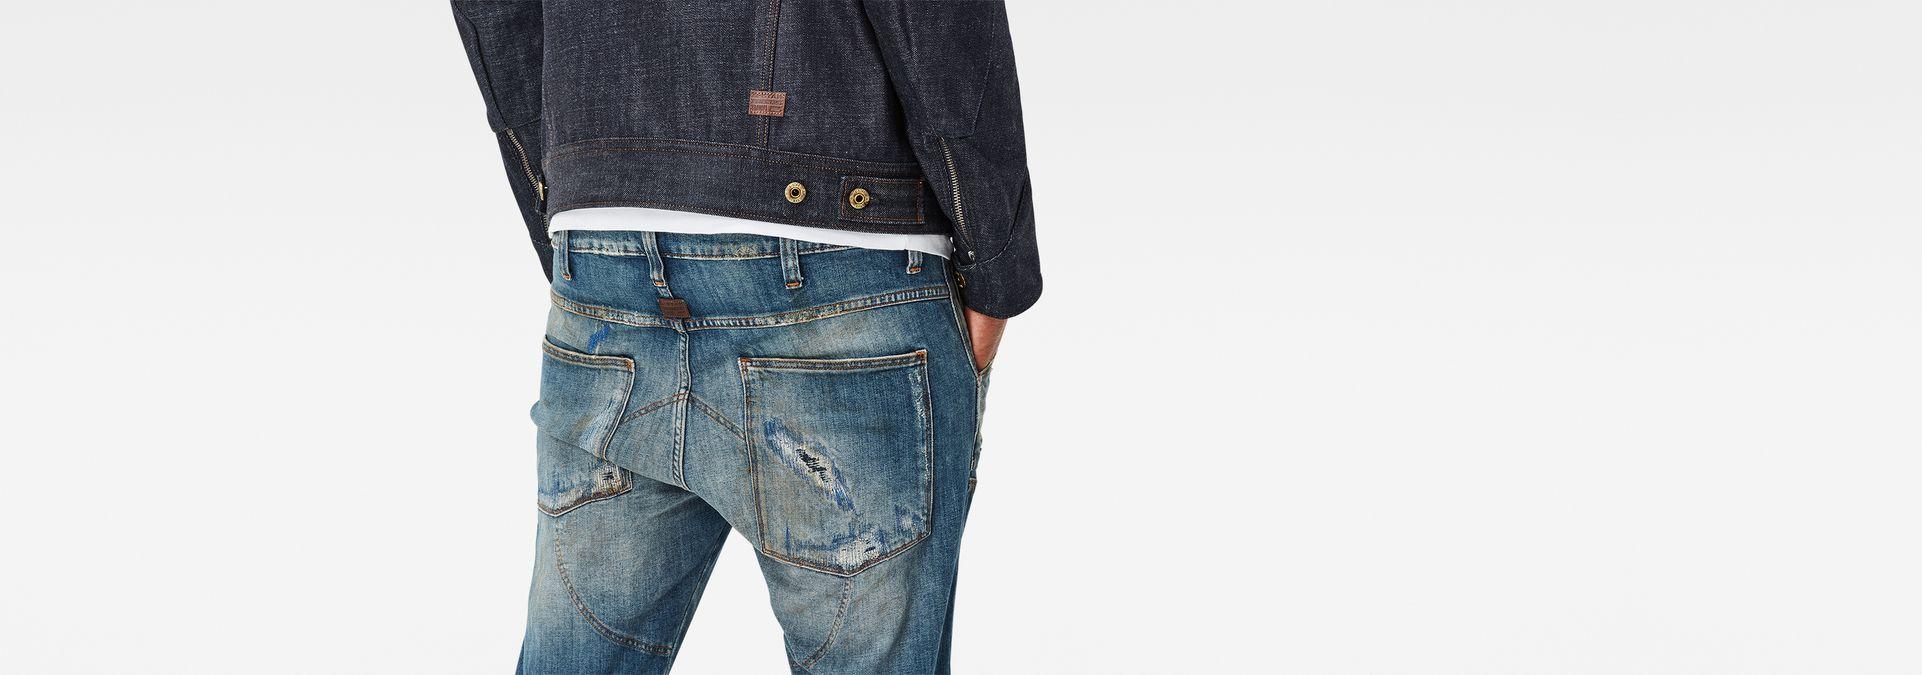 5620 g star elwood 3d slim jeans g star raw. Black Bedroom Furniture Sets. Home Design Ideas